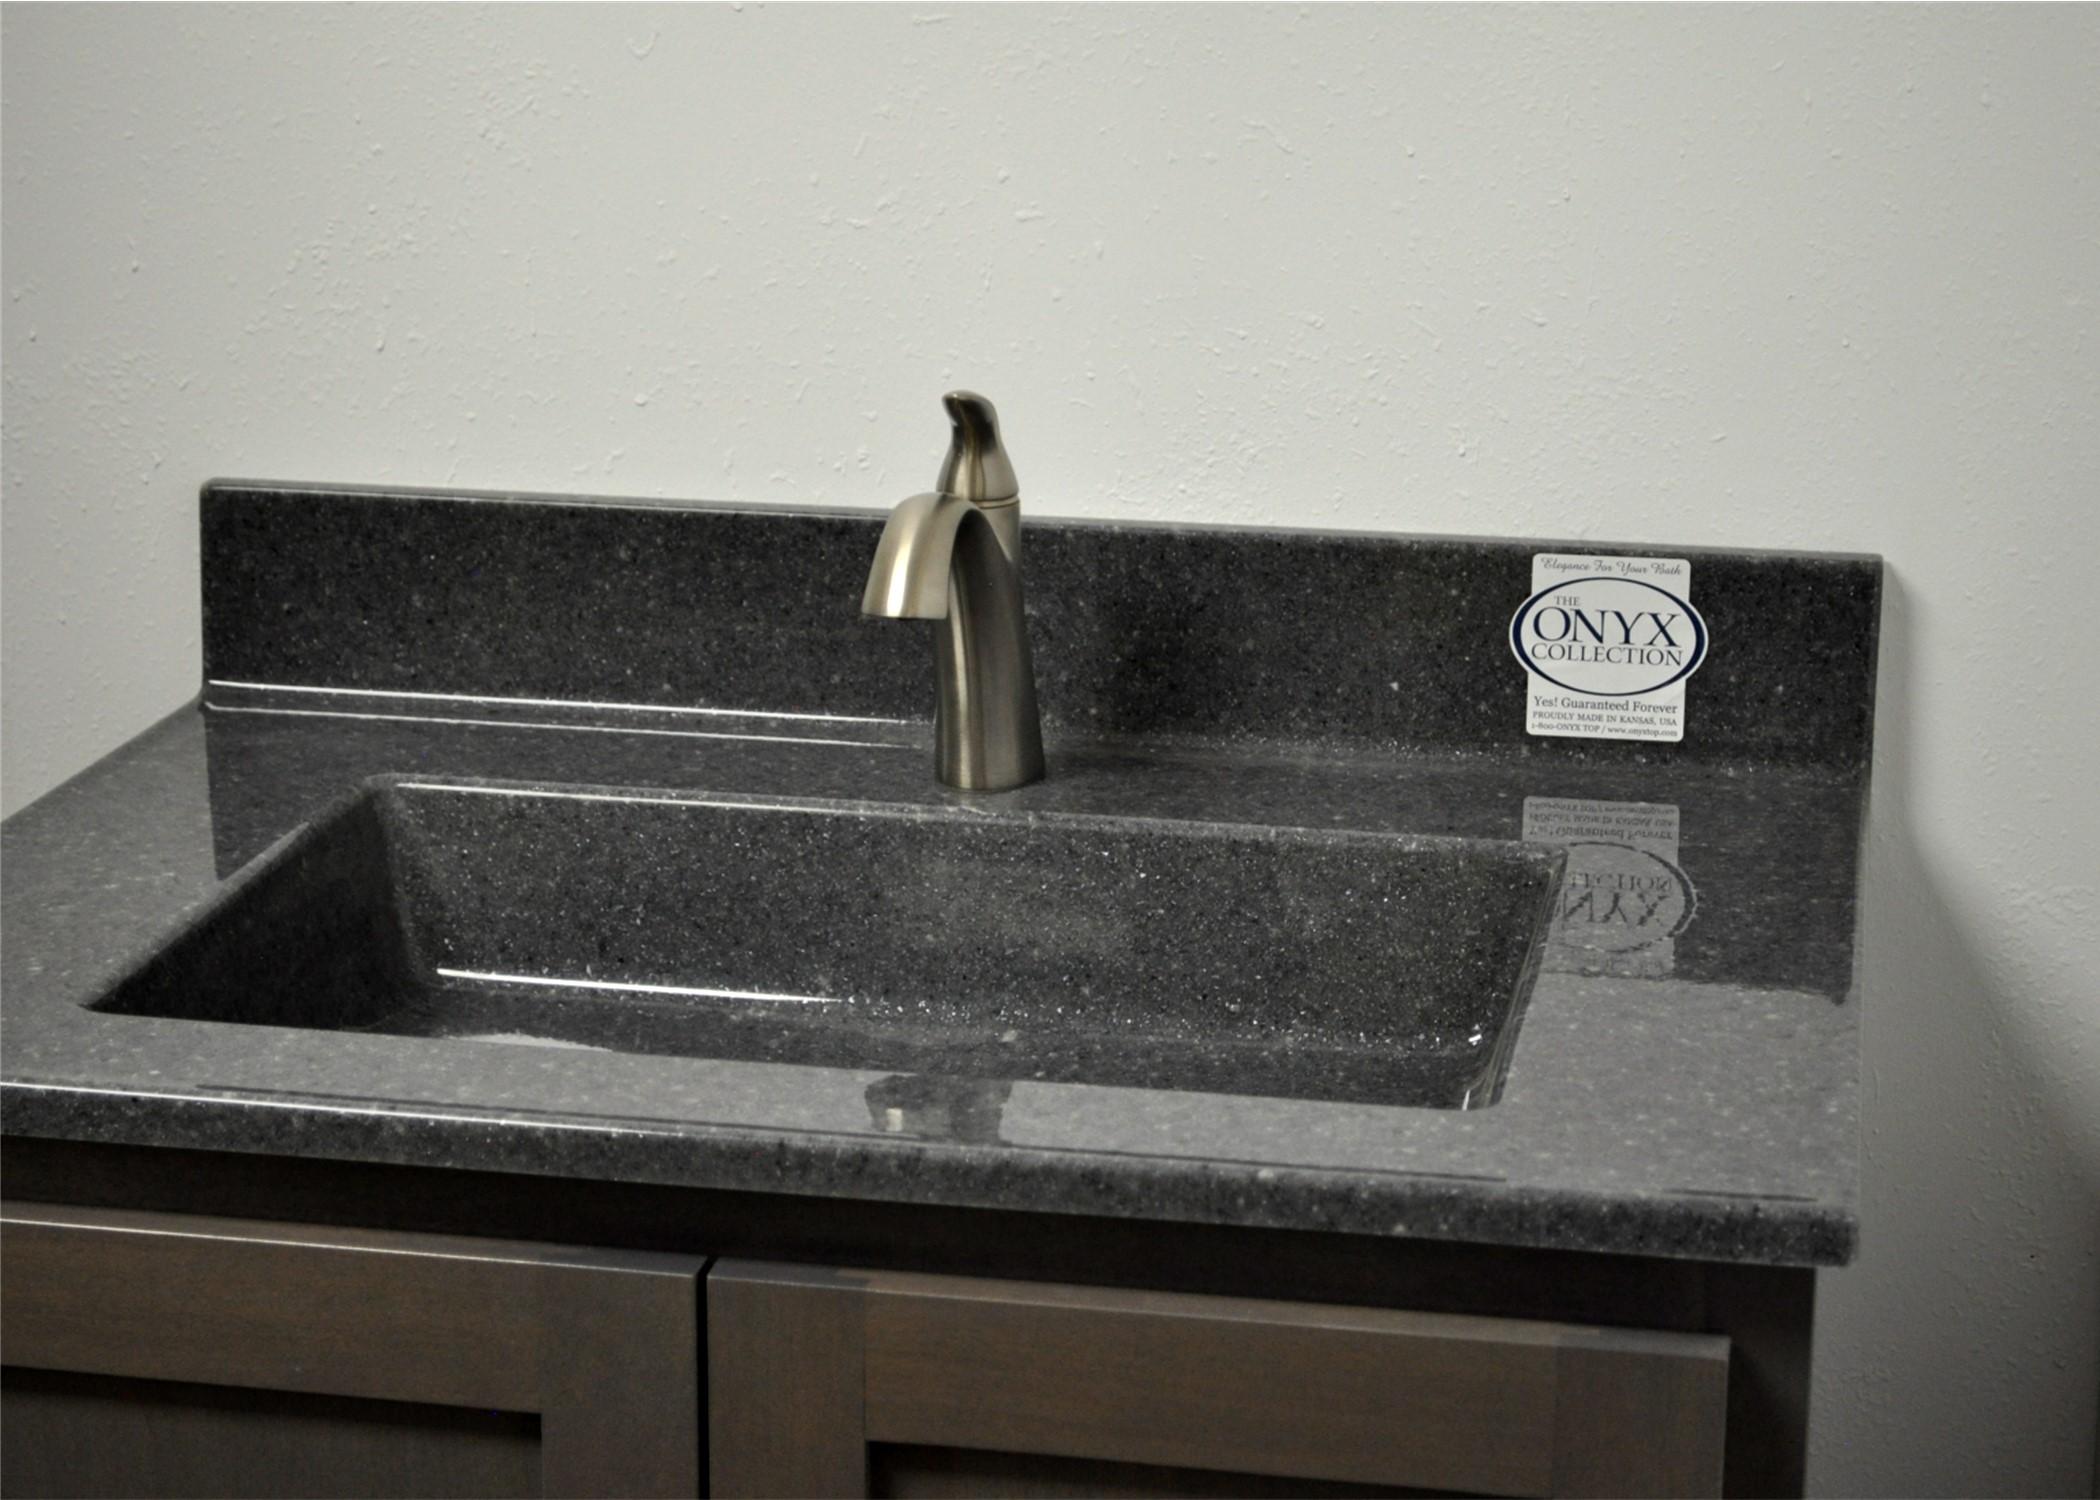 1 Onyx Sink